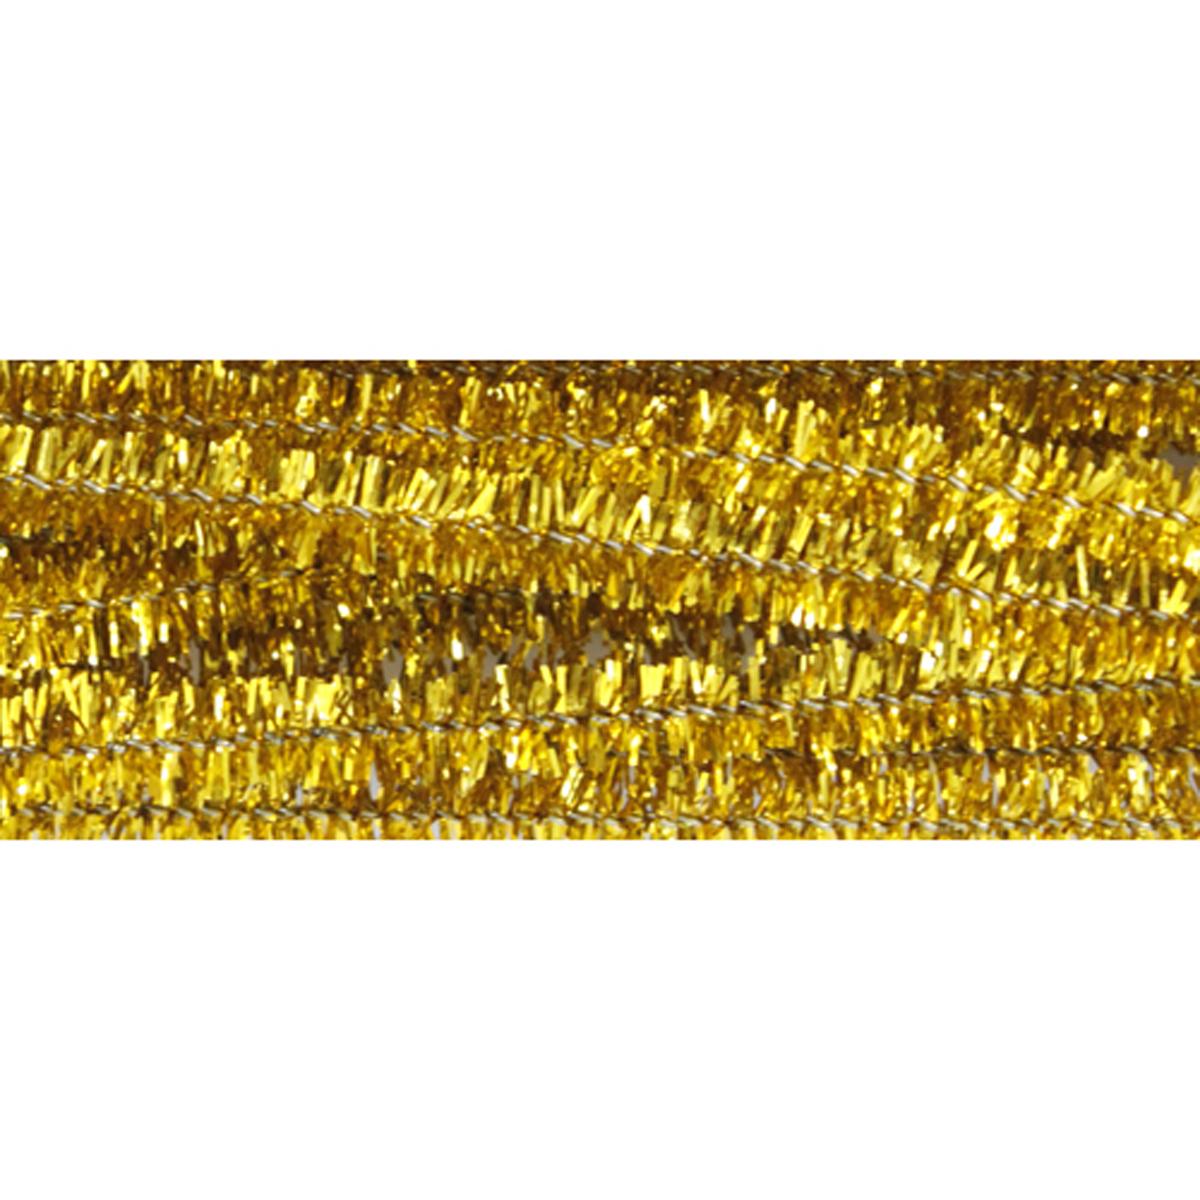 Синель-проволока люрекс Астра, цвет: золотистый, 6 мм х 30 см, 20 шт7708694_ B-002 золотойИз пушистой проволоки можно мастерить разные поделки - плоские и объемные. Такая проволока послужит практичным материалом в валянии и изготовлении игрушек.